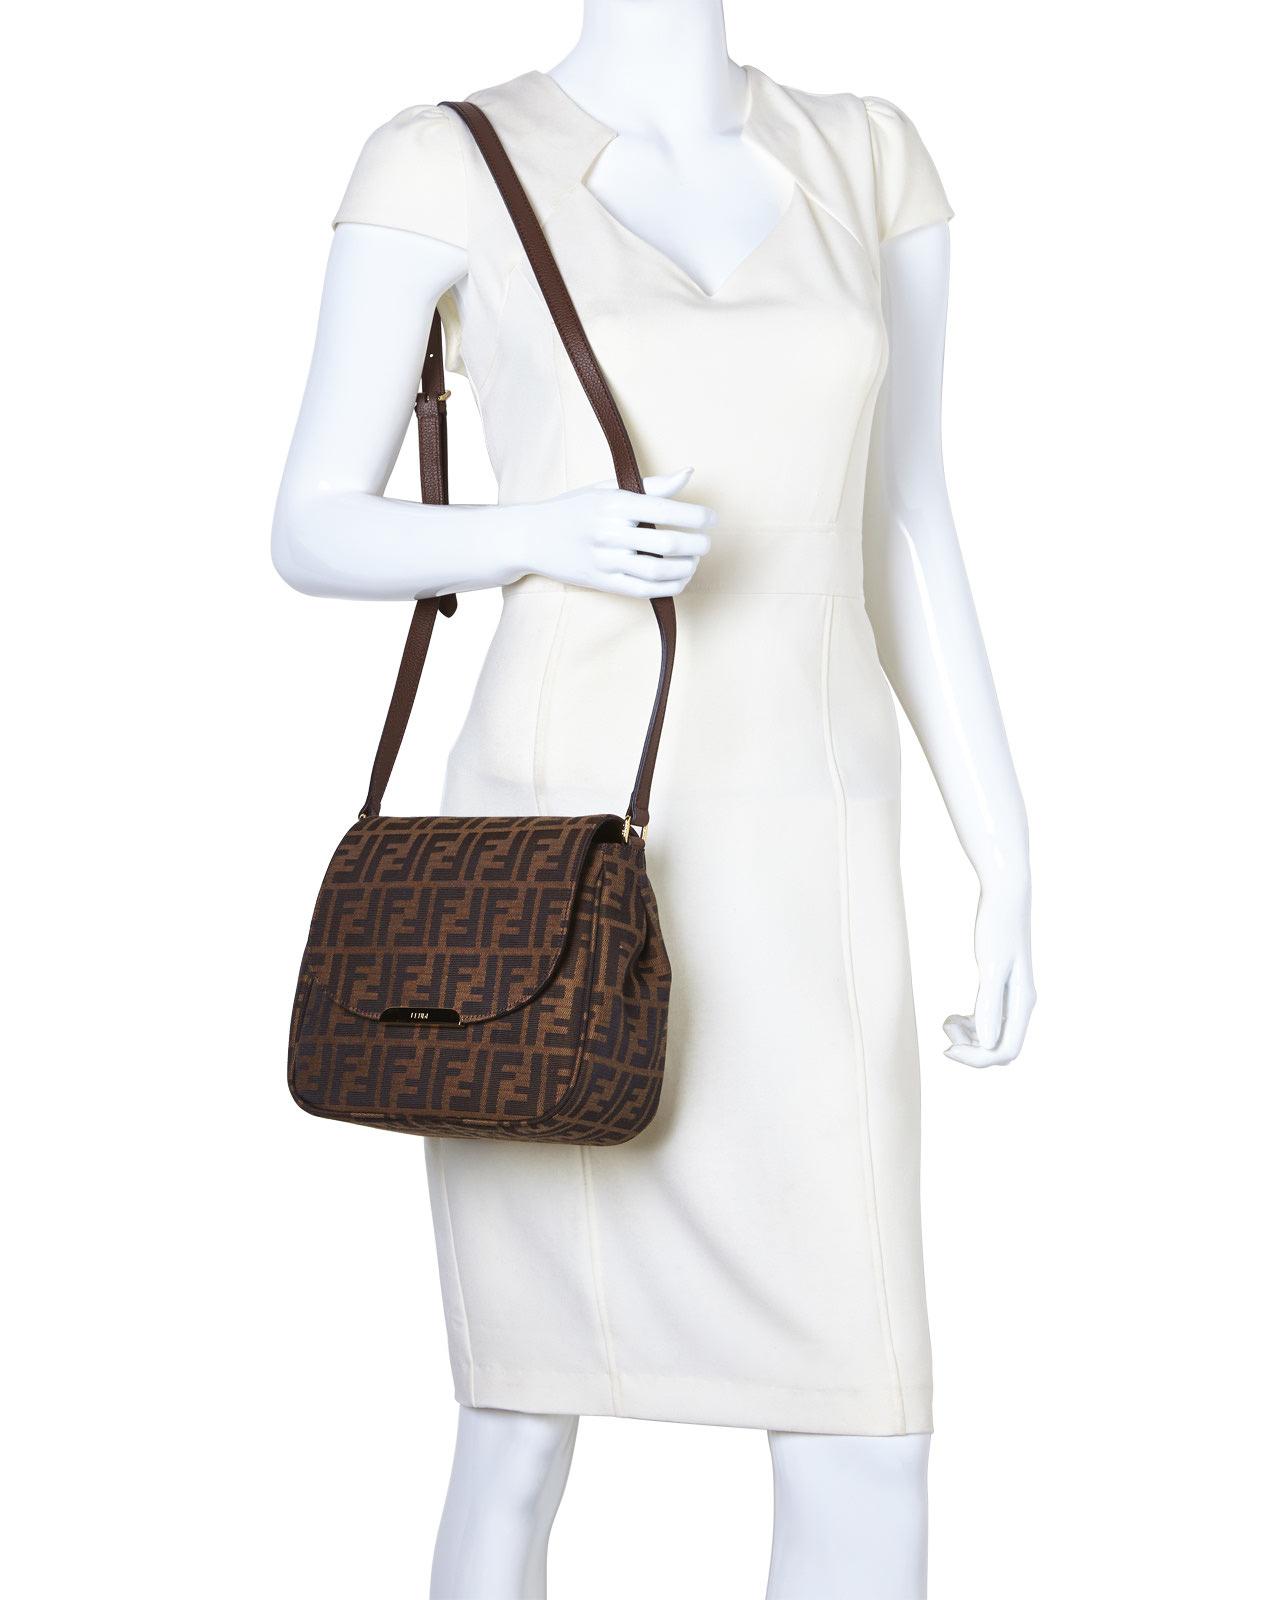 7470f35c2699 ... canvas shoulder bag dbbef 2a07c  purchase lyst fendi zucca crossbody bag  in metallic f56e5 6b438